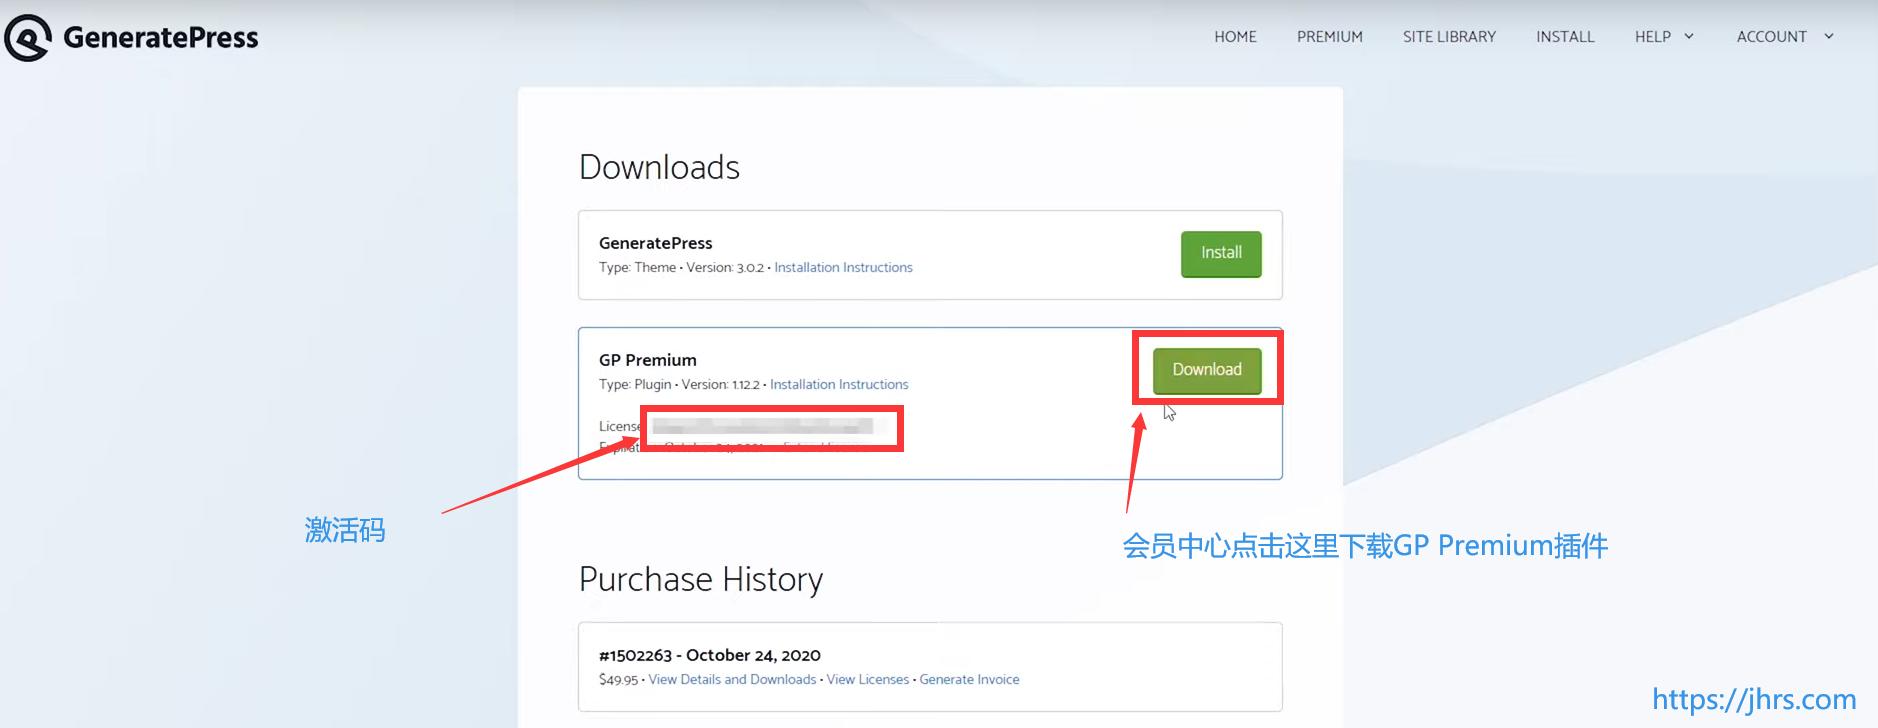 2020最新GeneratePress安装使用教程 3